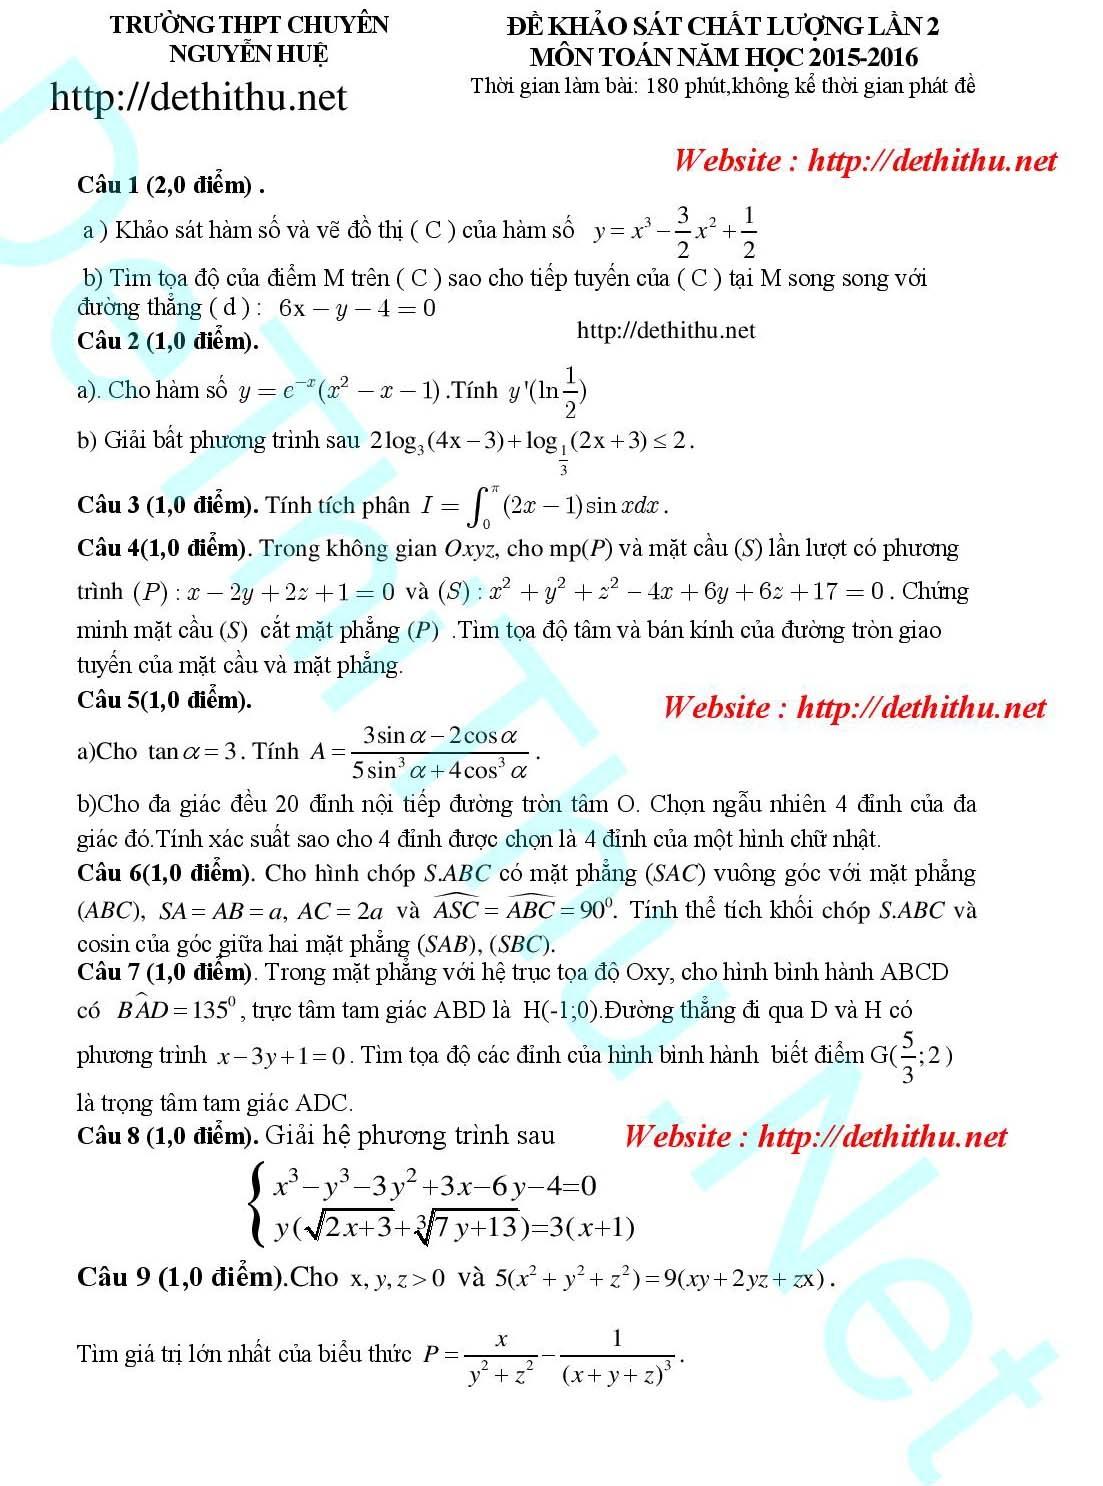 10 đề thi thử THPT quốc gia 2016 môn Toán - 4